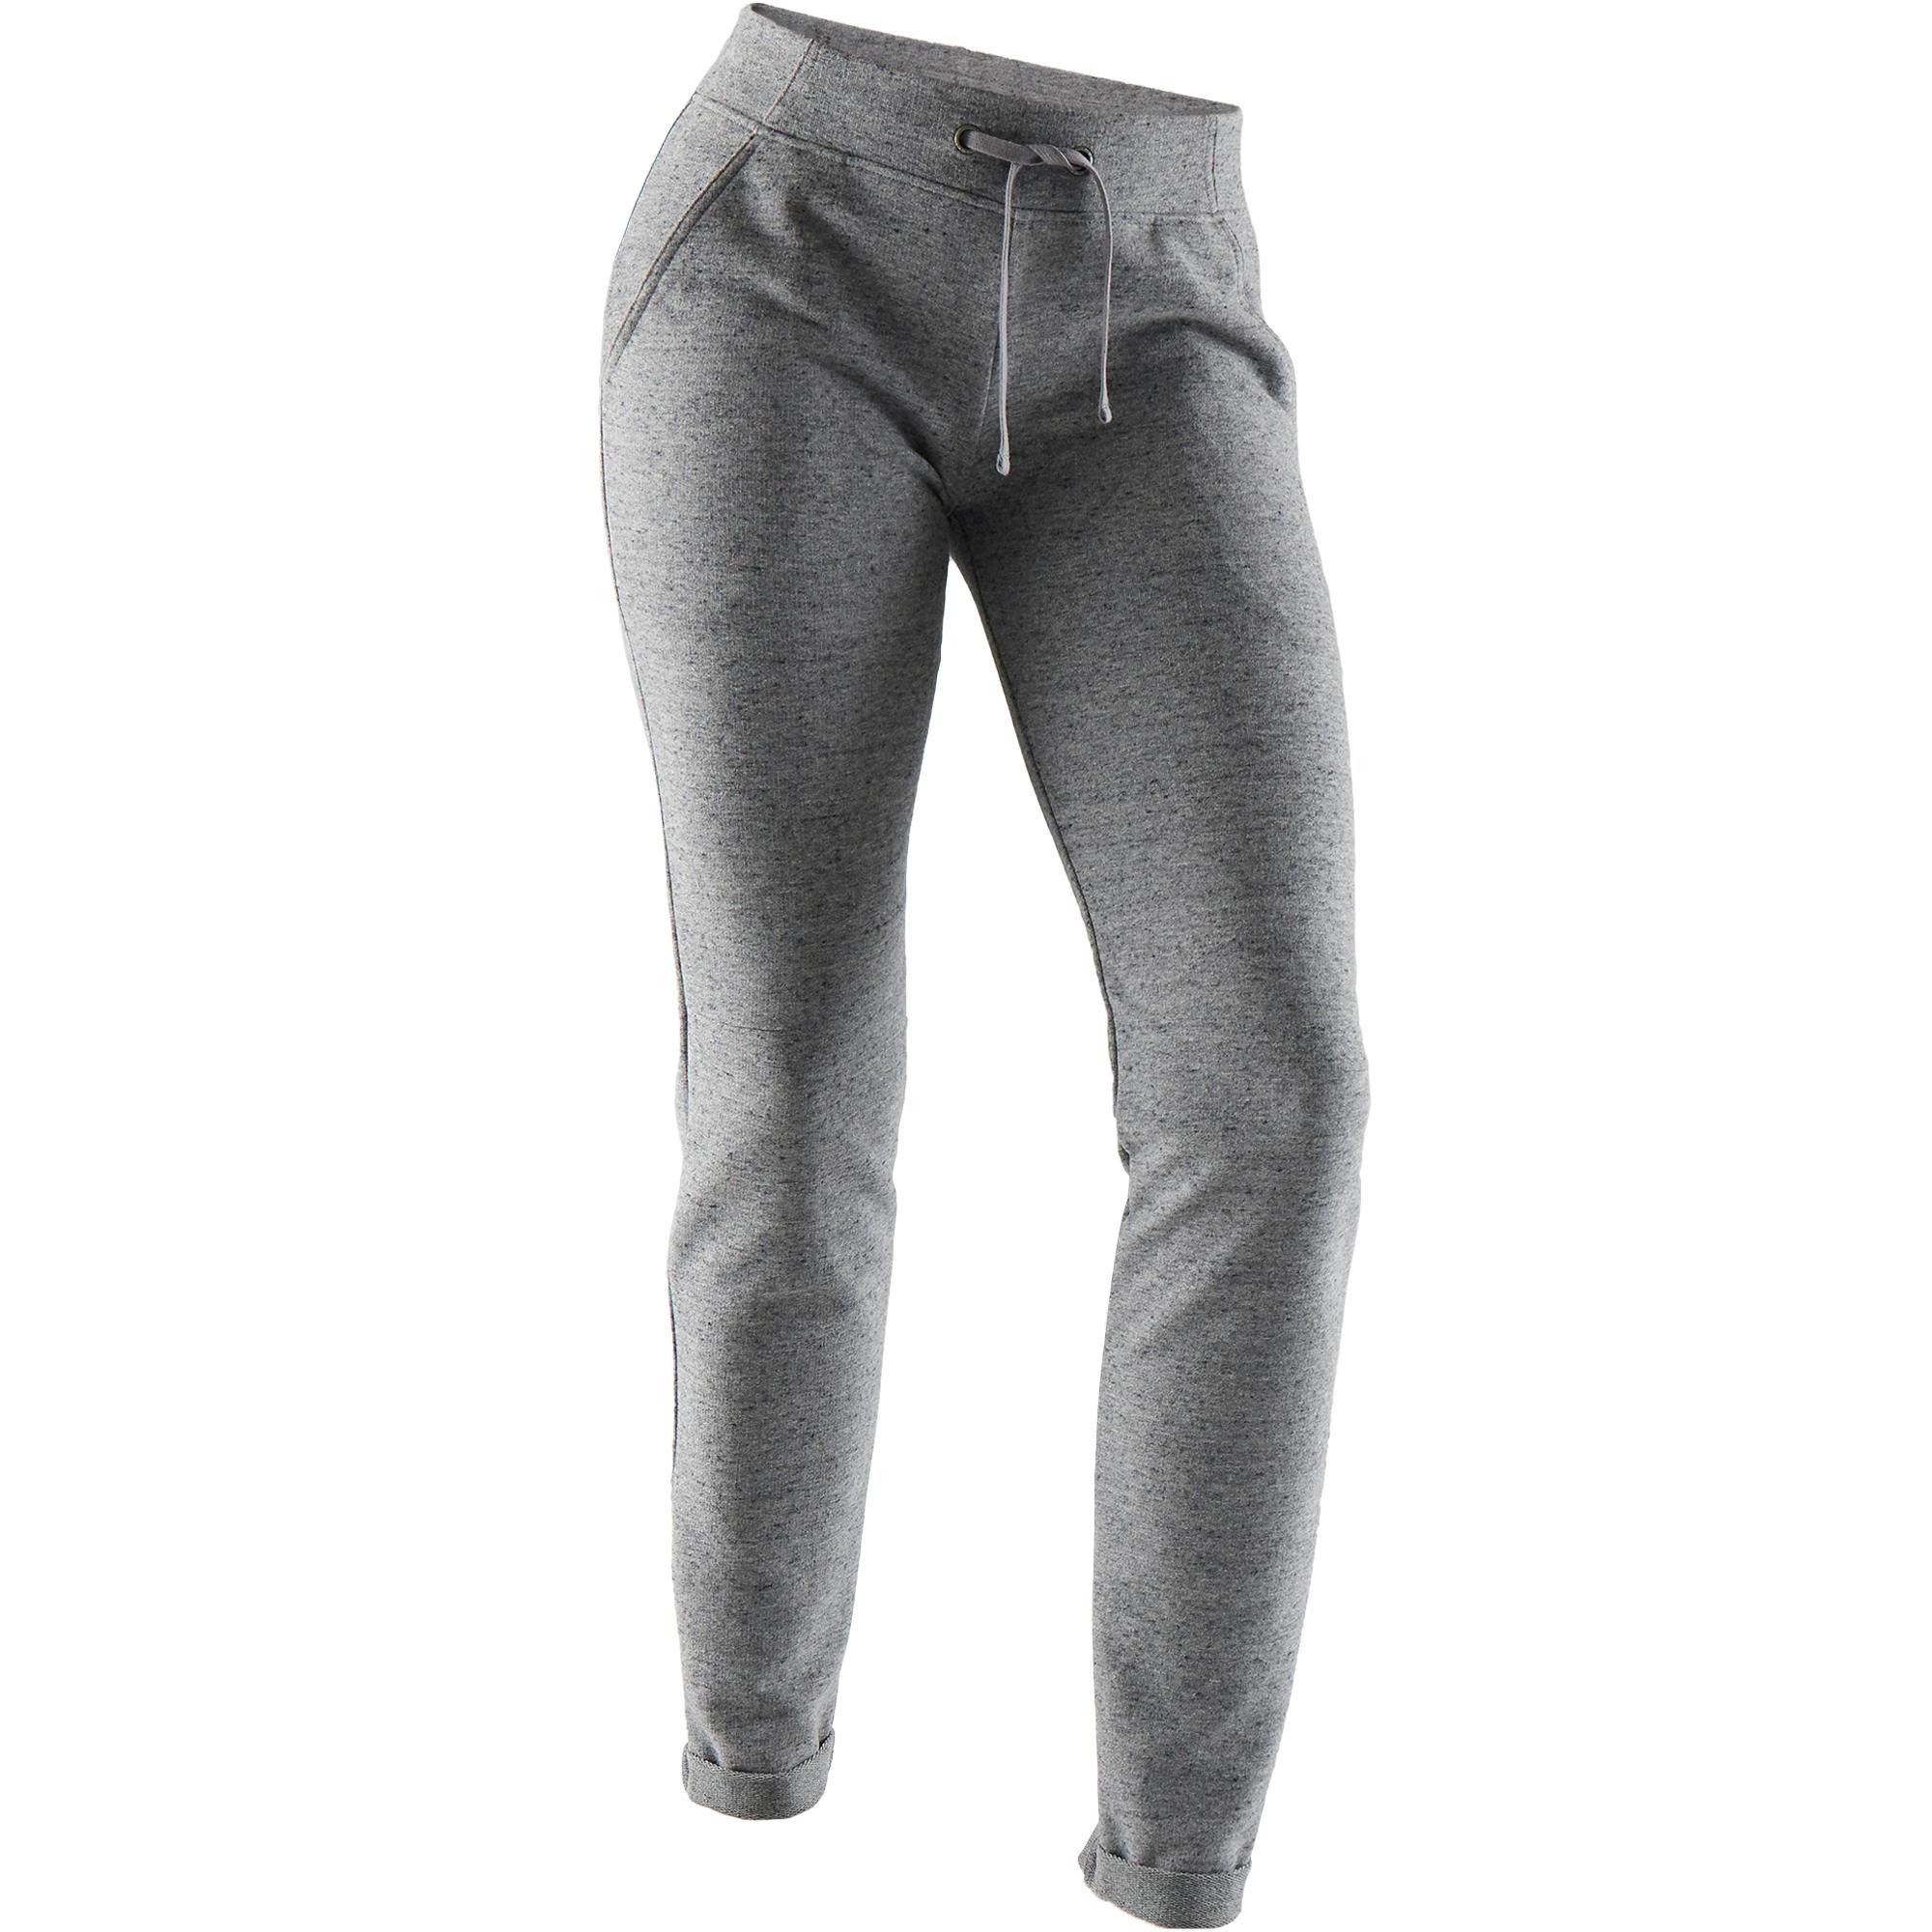 Pantaloni slim donna ginnastica 500 neri